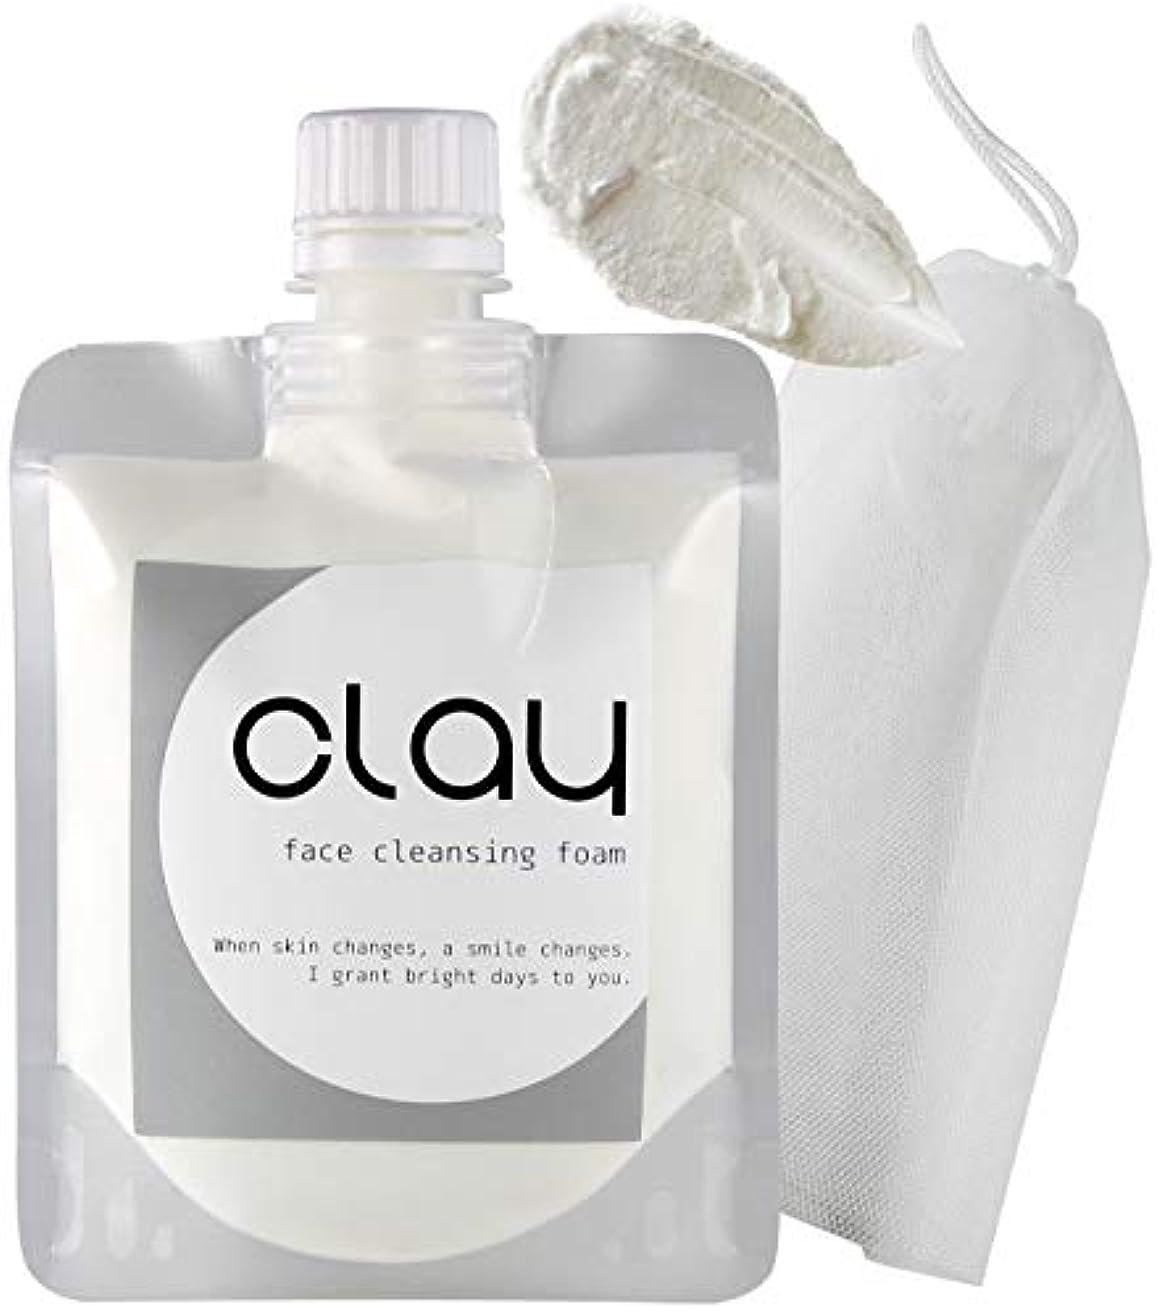 光電服を着る興味STAR'S クレイ 泥 洗顔 オーガニック 【 毛穴 黒ずみ 開き ザラ付き 用】「 泡 ネット 付き」 40種類の植物エキス 16種類の美容成分 9つの無添加 透明感 柔肌 130g (Clay)